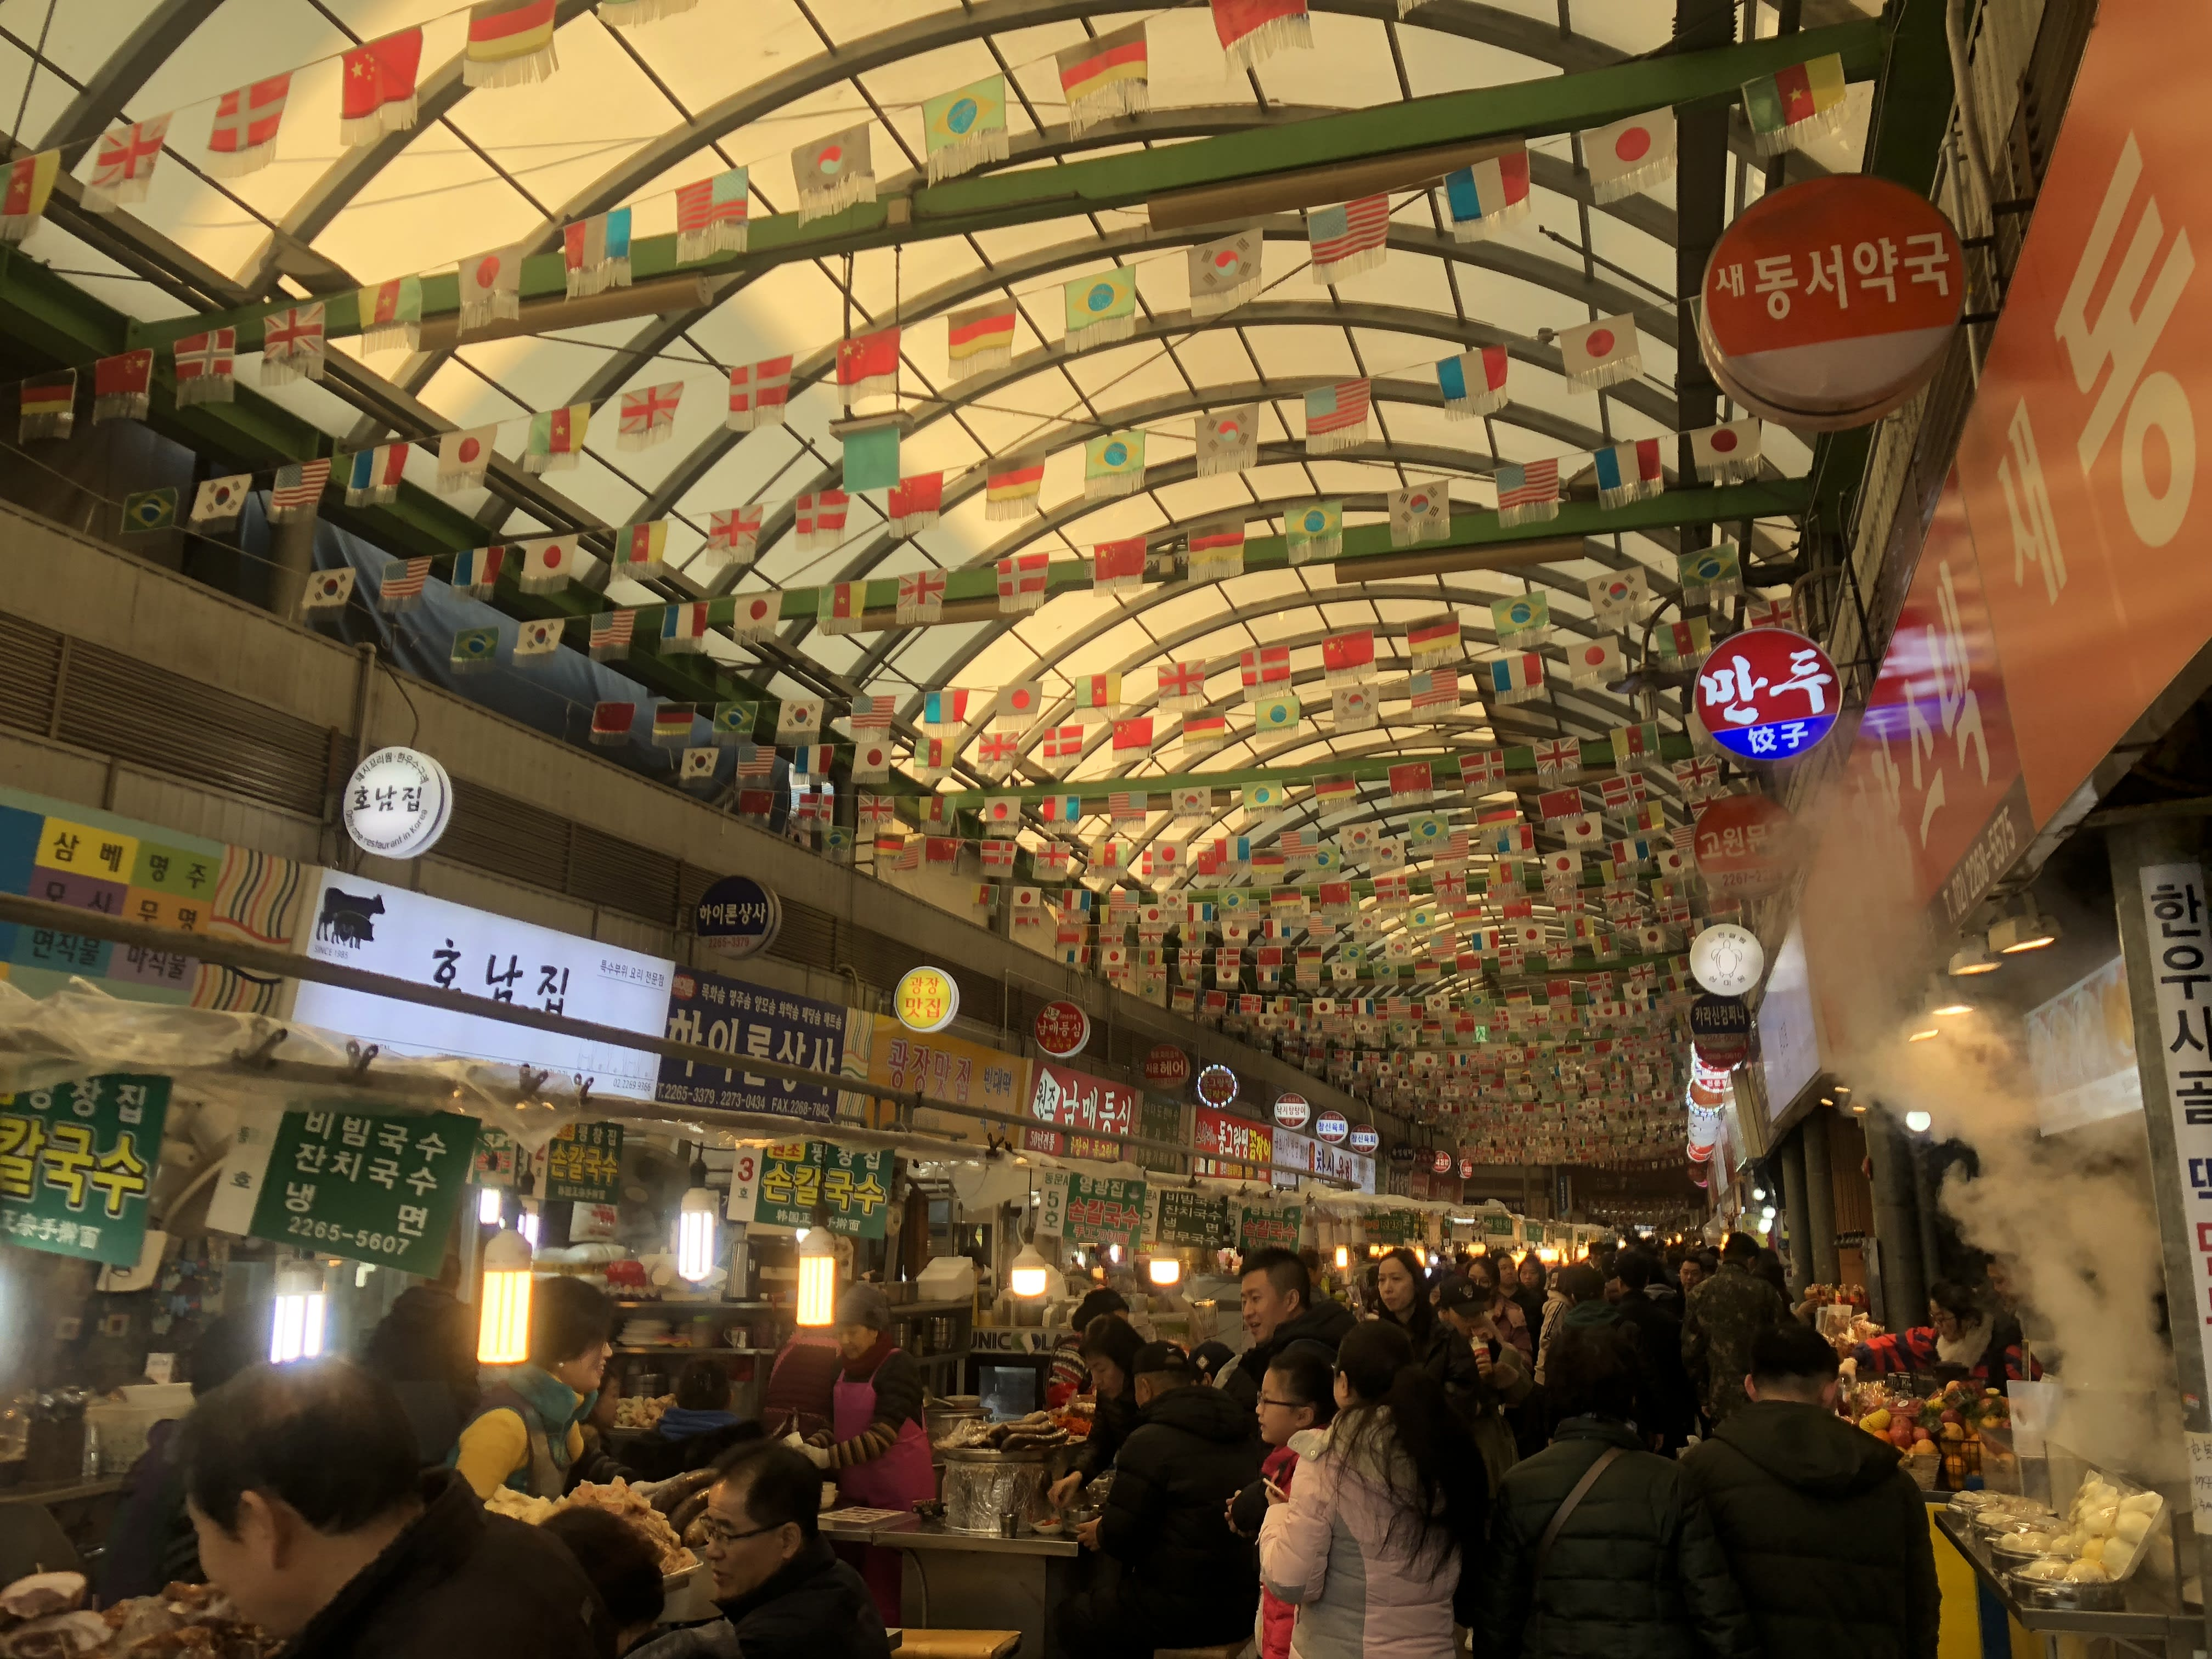 【首爾自由行】首爾最大!廣藏市場攻略出爐 交通,交通住宿,主要都是售賣韓式的粥品,行程全都包 - Klook Travel Blog